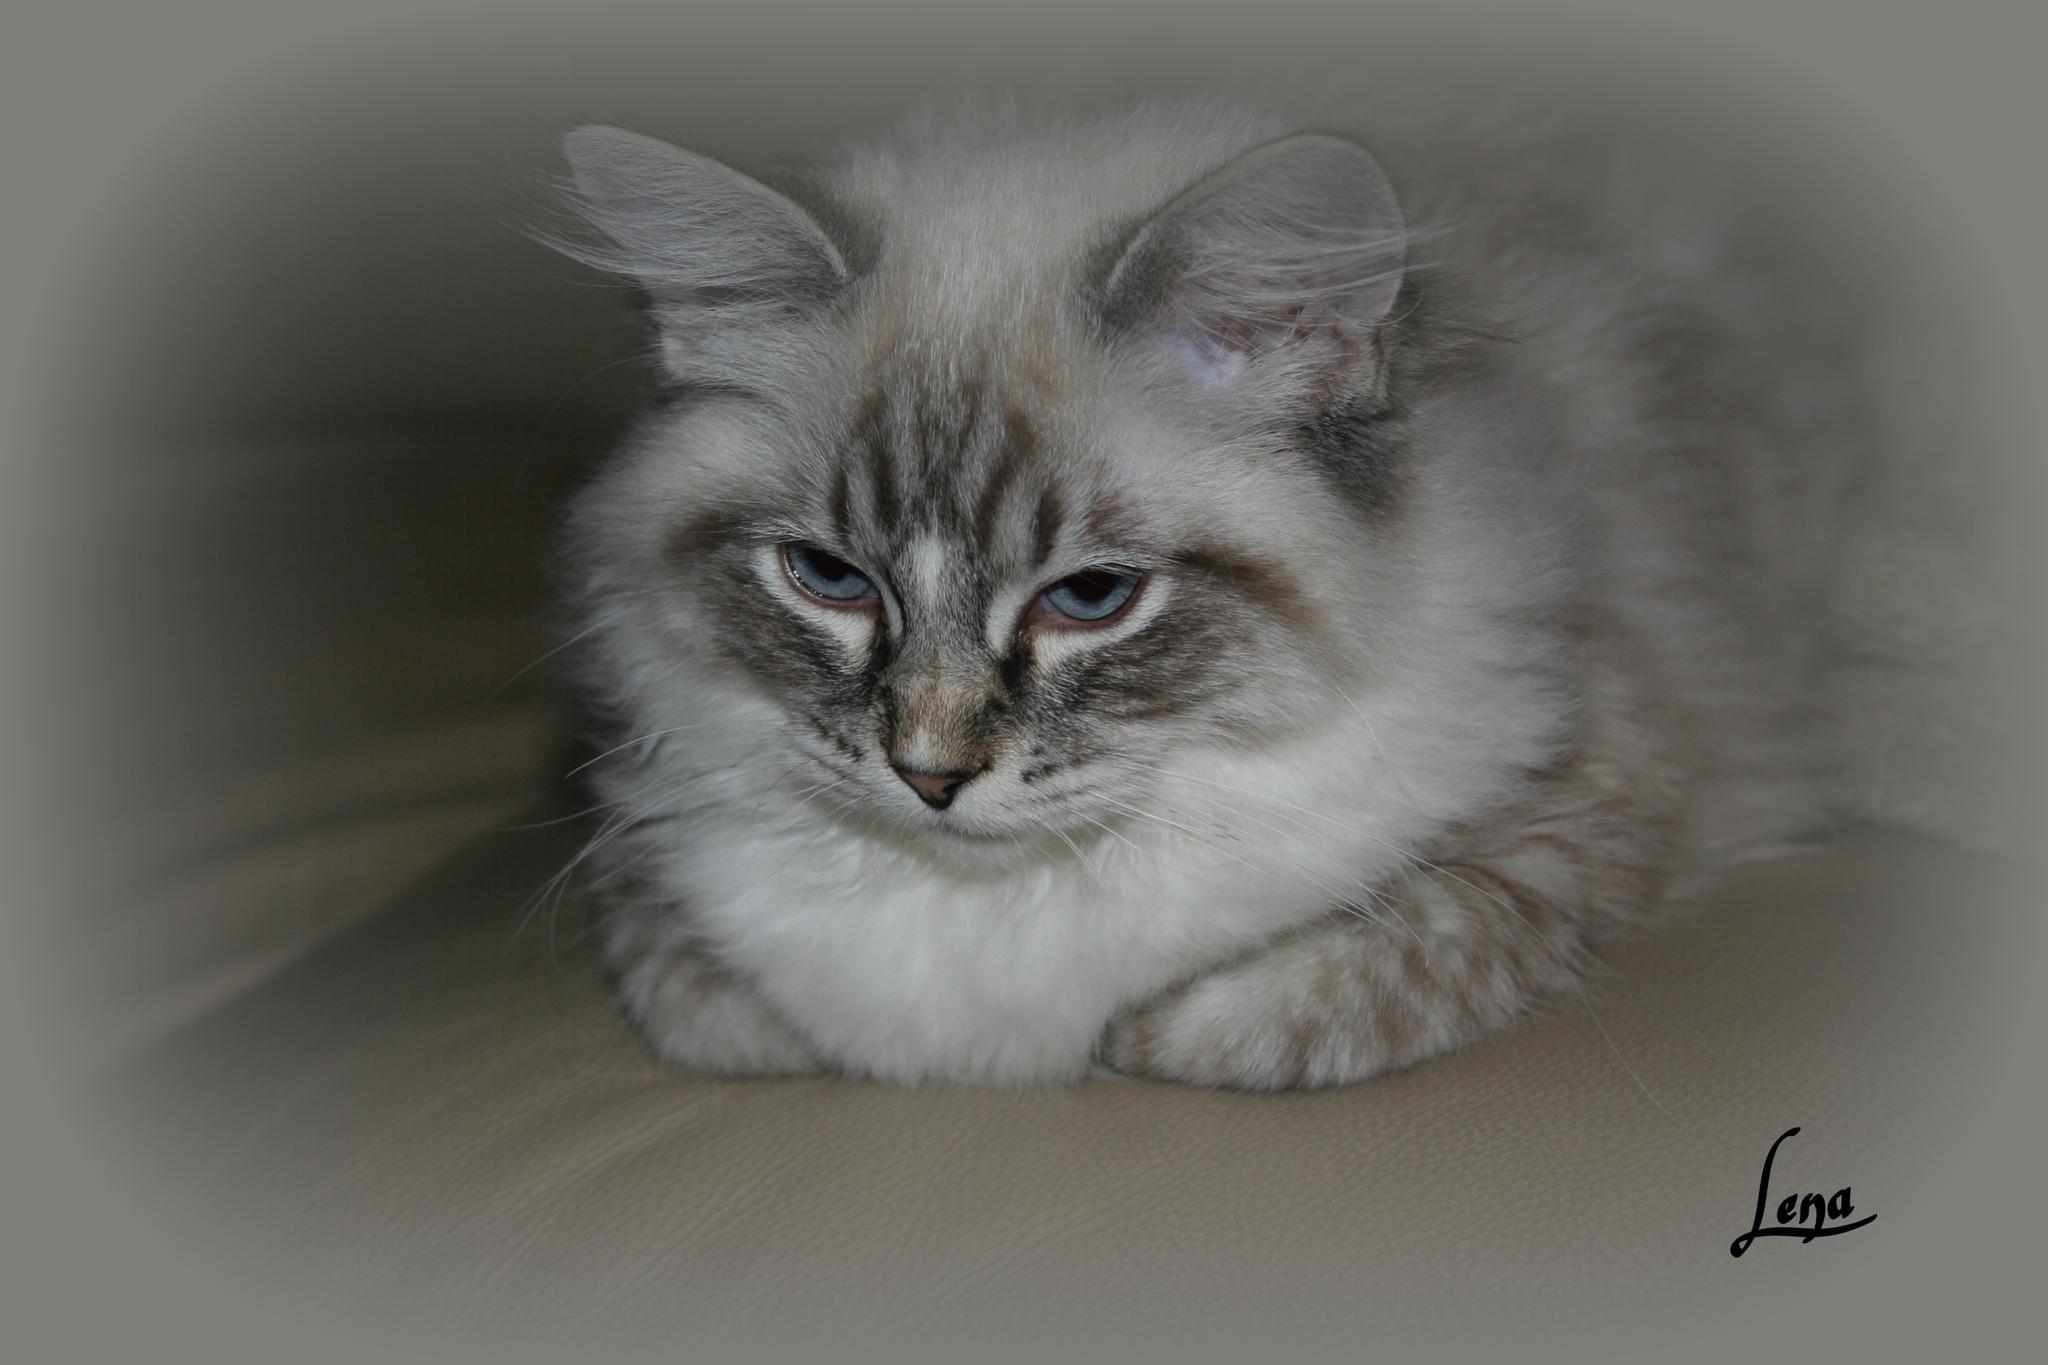 Katten by Lena